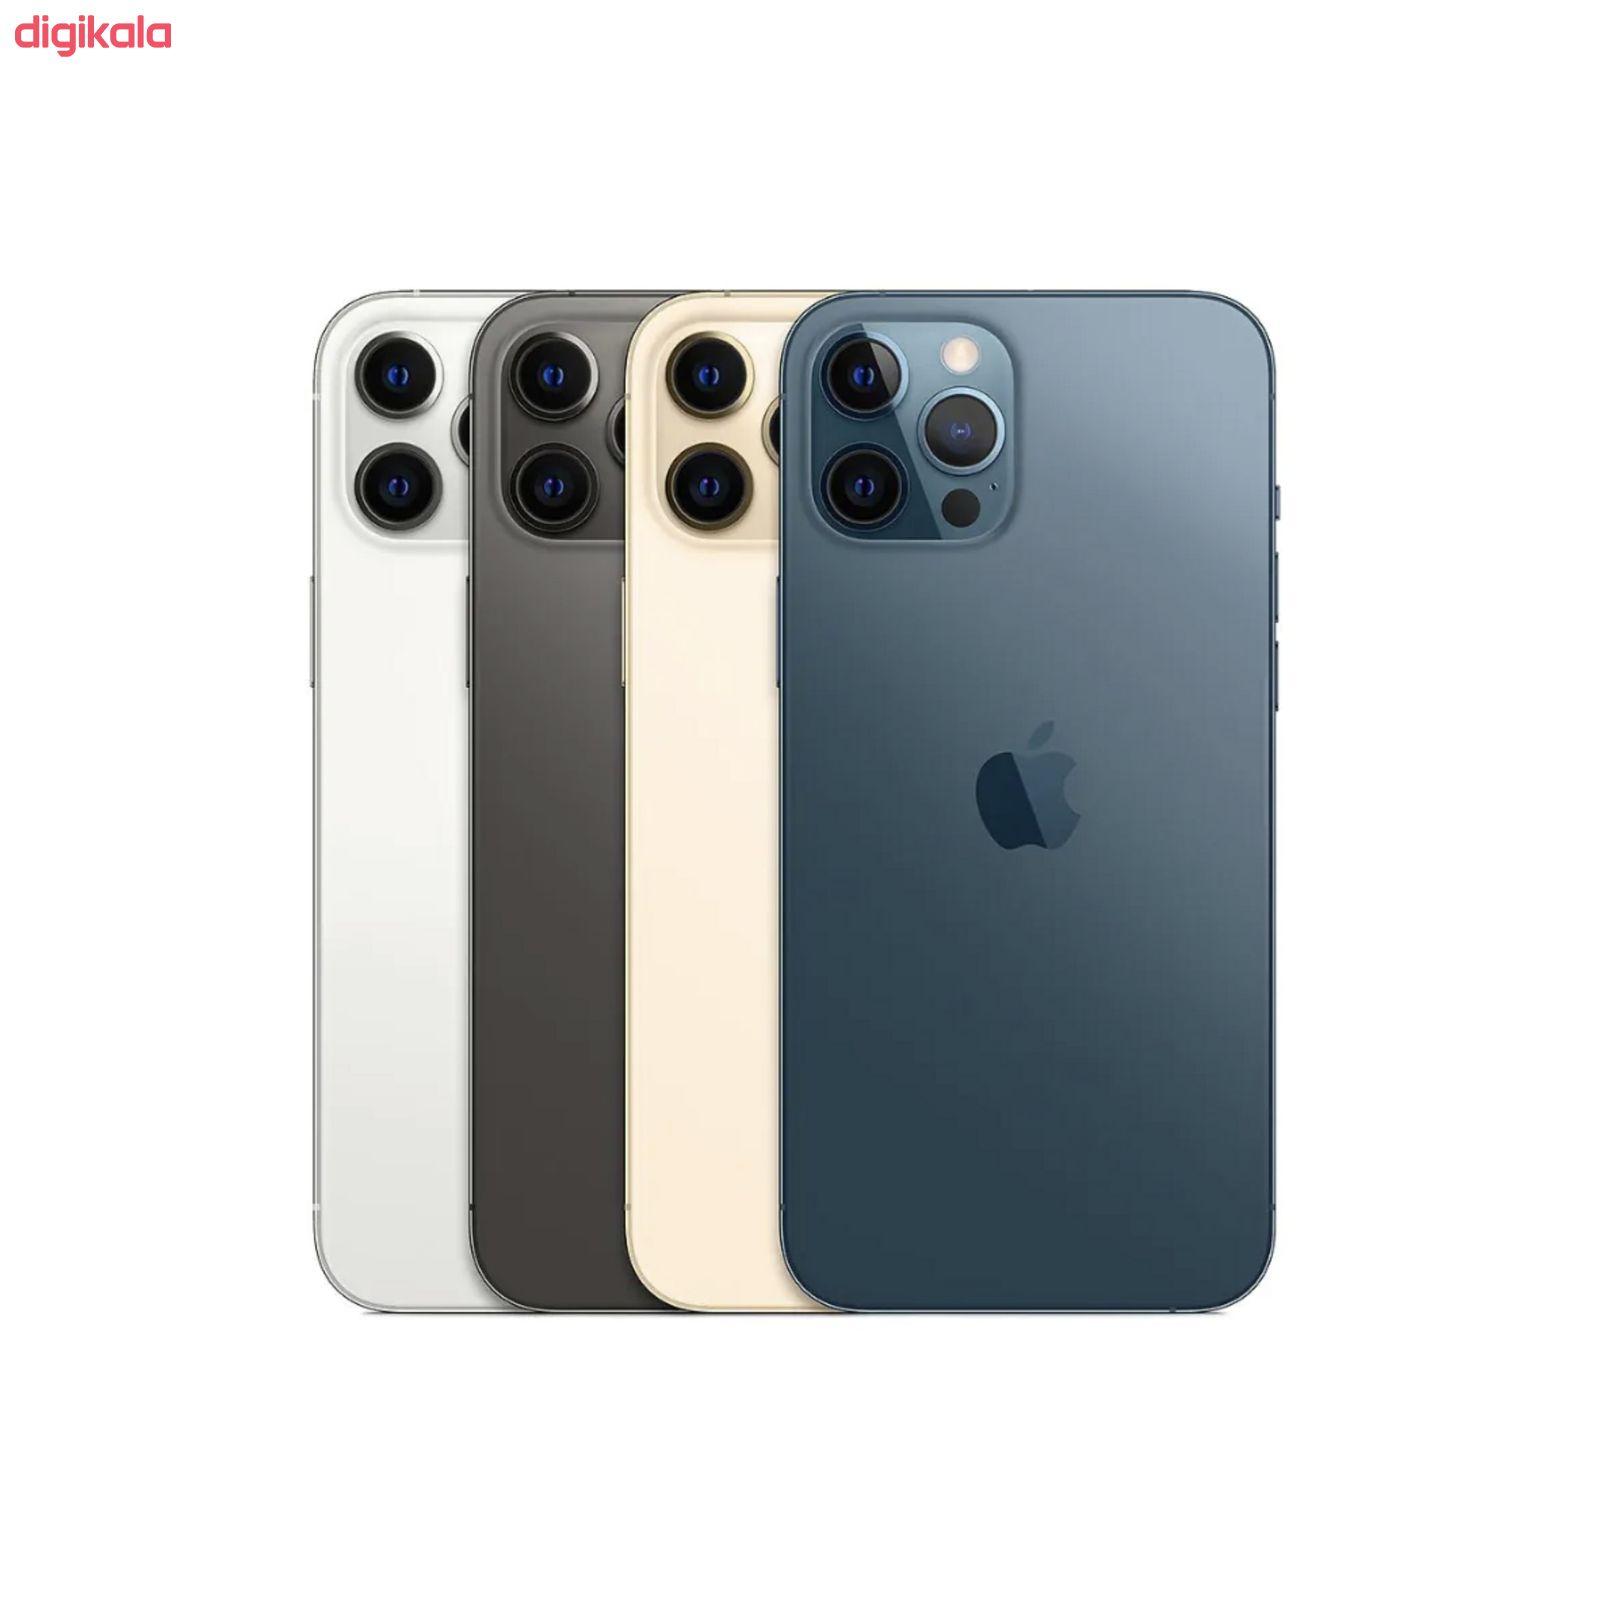 گوشی موبایل اپل مدل iPhone 12 Pro A2408 دو سیم کارت ظرفیت 256 گیگابایت main 1 14